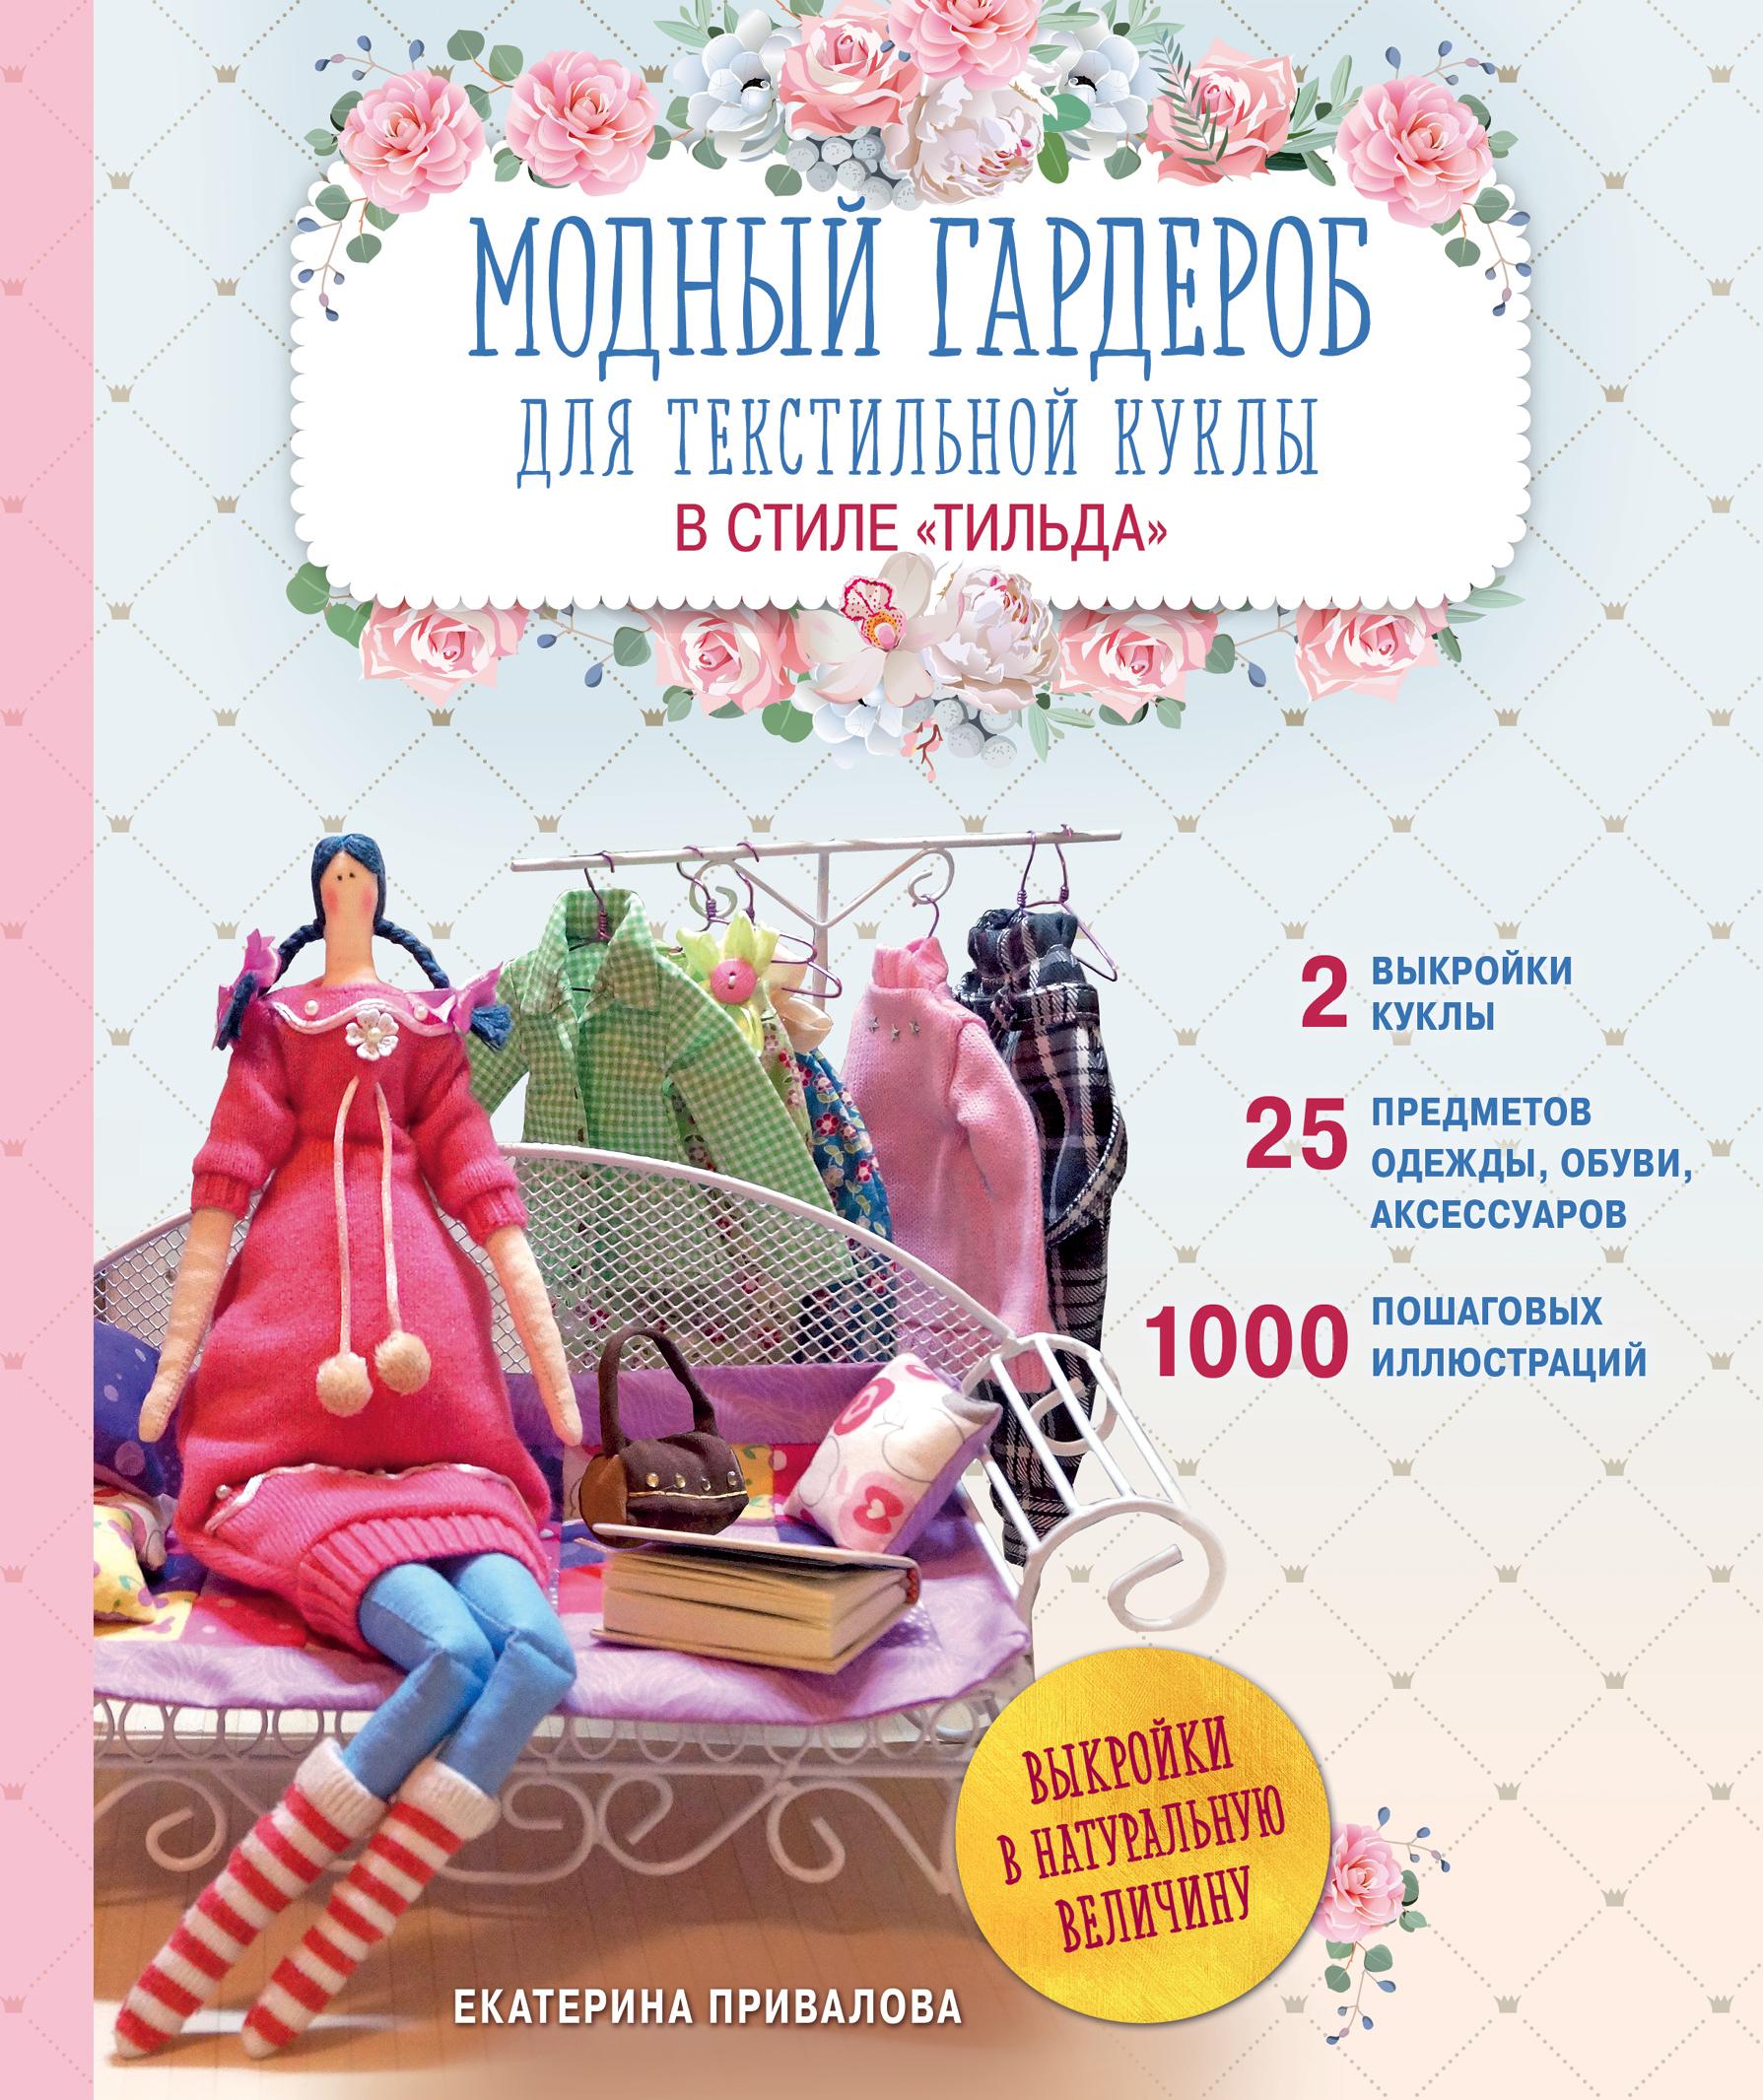 Екатерина Привалова Модный гардероб для текстильной куклы в стиле Тильда. Полное практическое руководство. Мастер-классы и выкройки